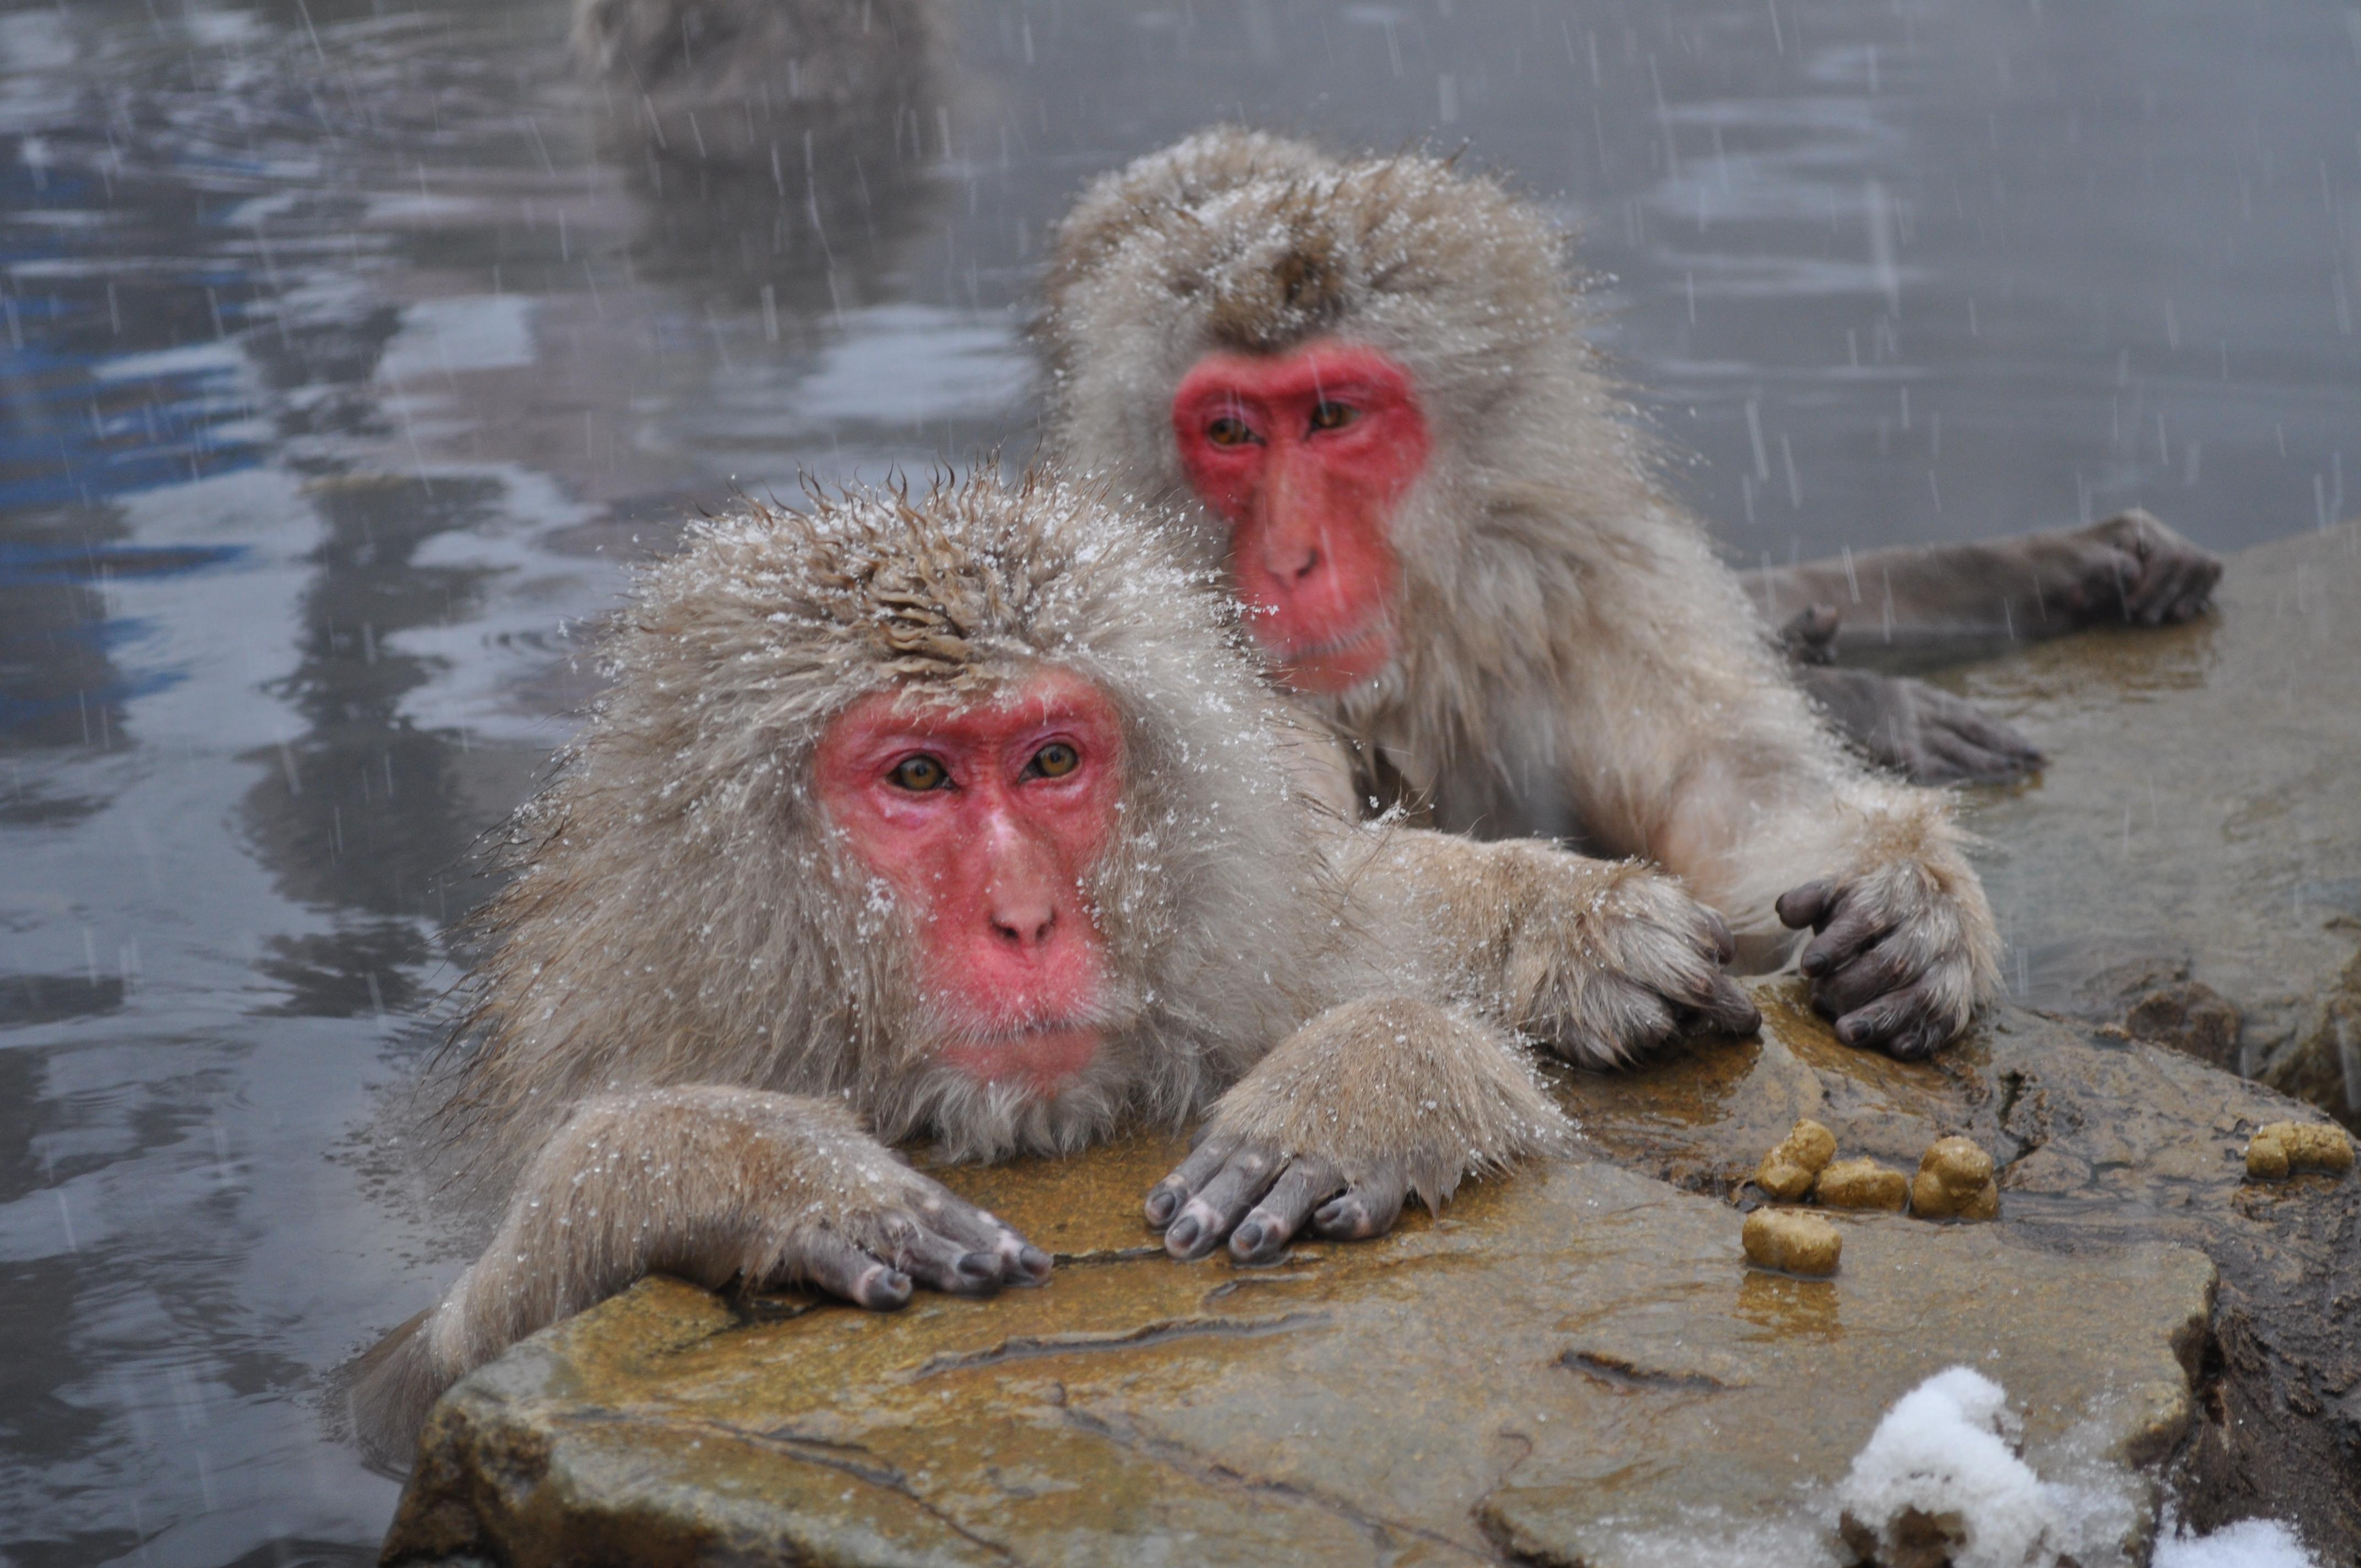 Örneğin Japon makaklarının dişileri, çiftleşmek için çoğunlukla dişileri tercih ederler ve doğal olarak bunu başaramazlar. Dolayısıyla, terchileri her ne kadar dişilerden yana olsa da, erkeklerle de ürerler; kısaca biseksüeldirler (iki cinsiyete de ilgi duyan hayvanlar).